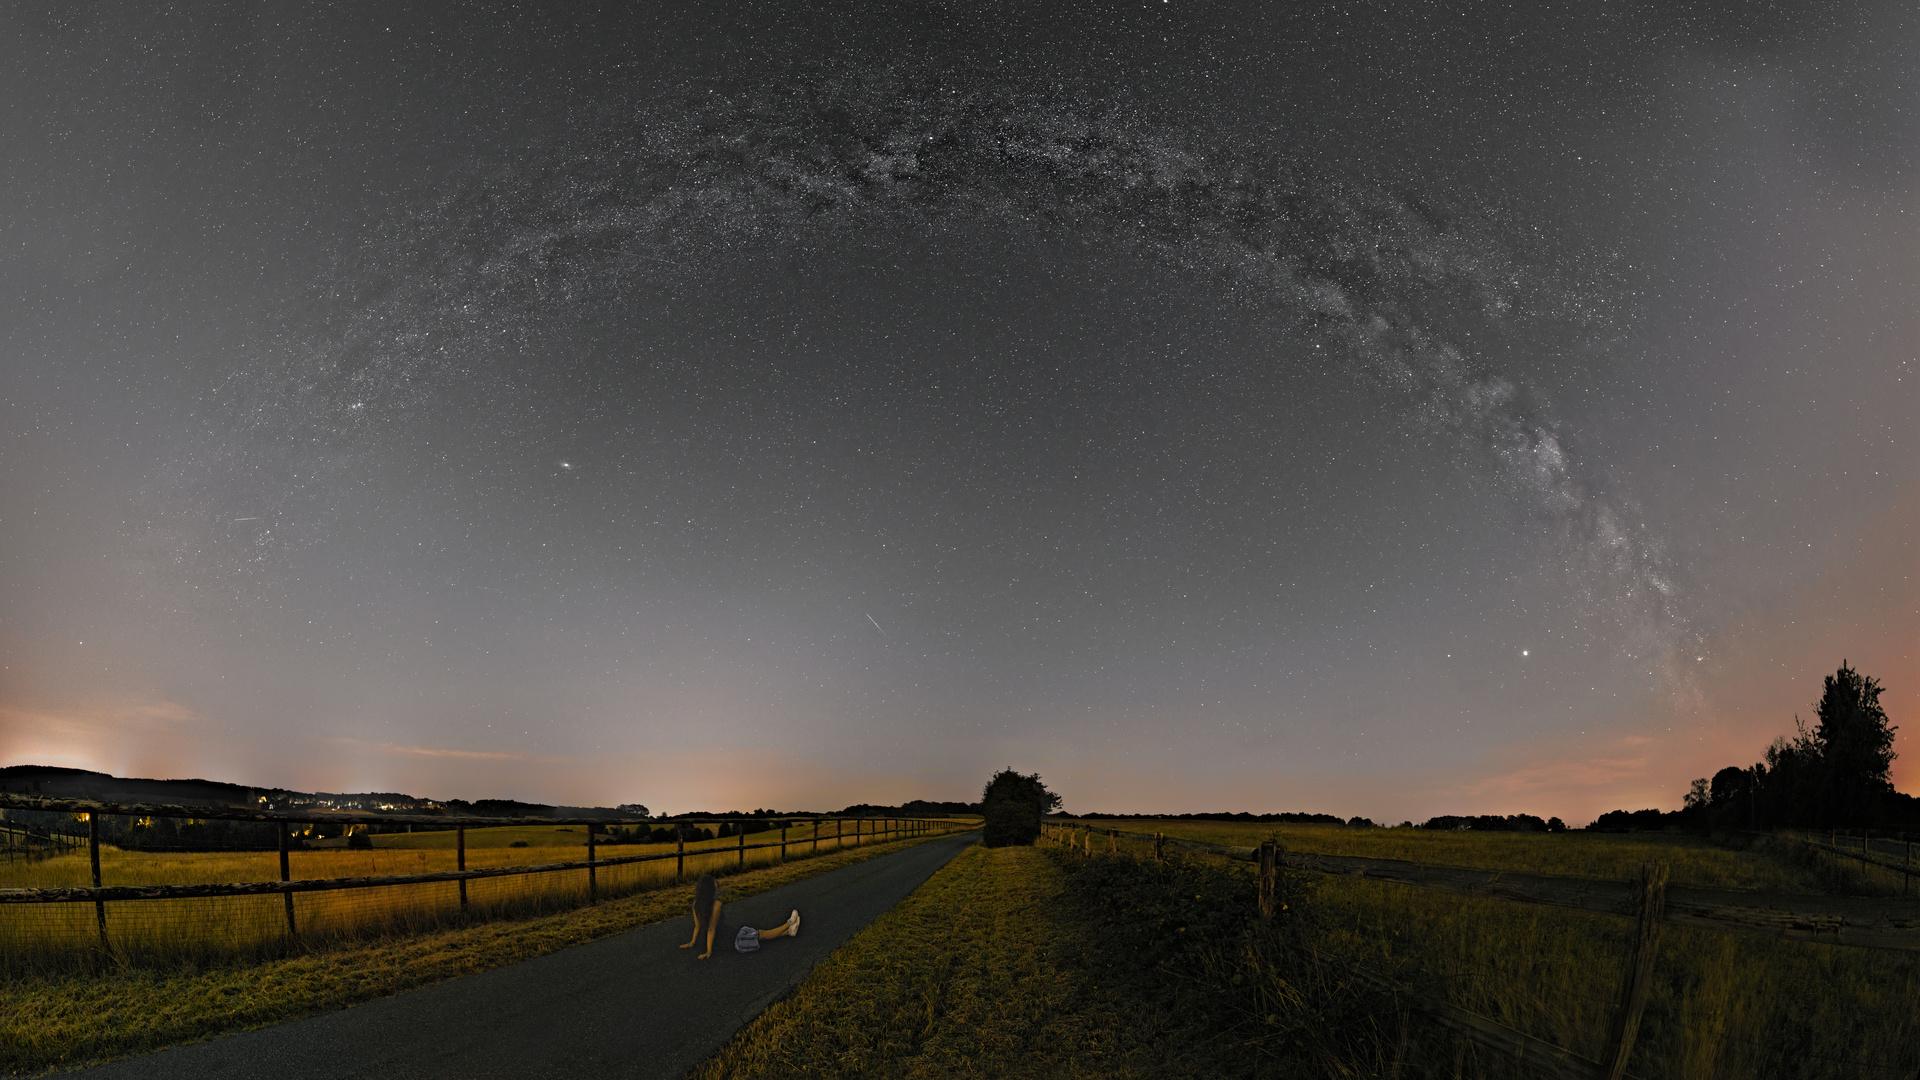 Panorama der Milchstraße